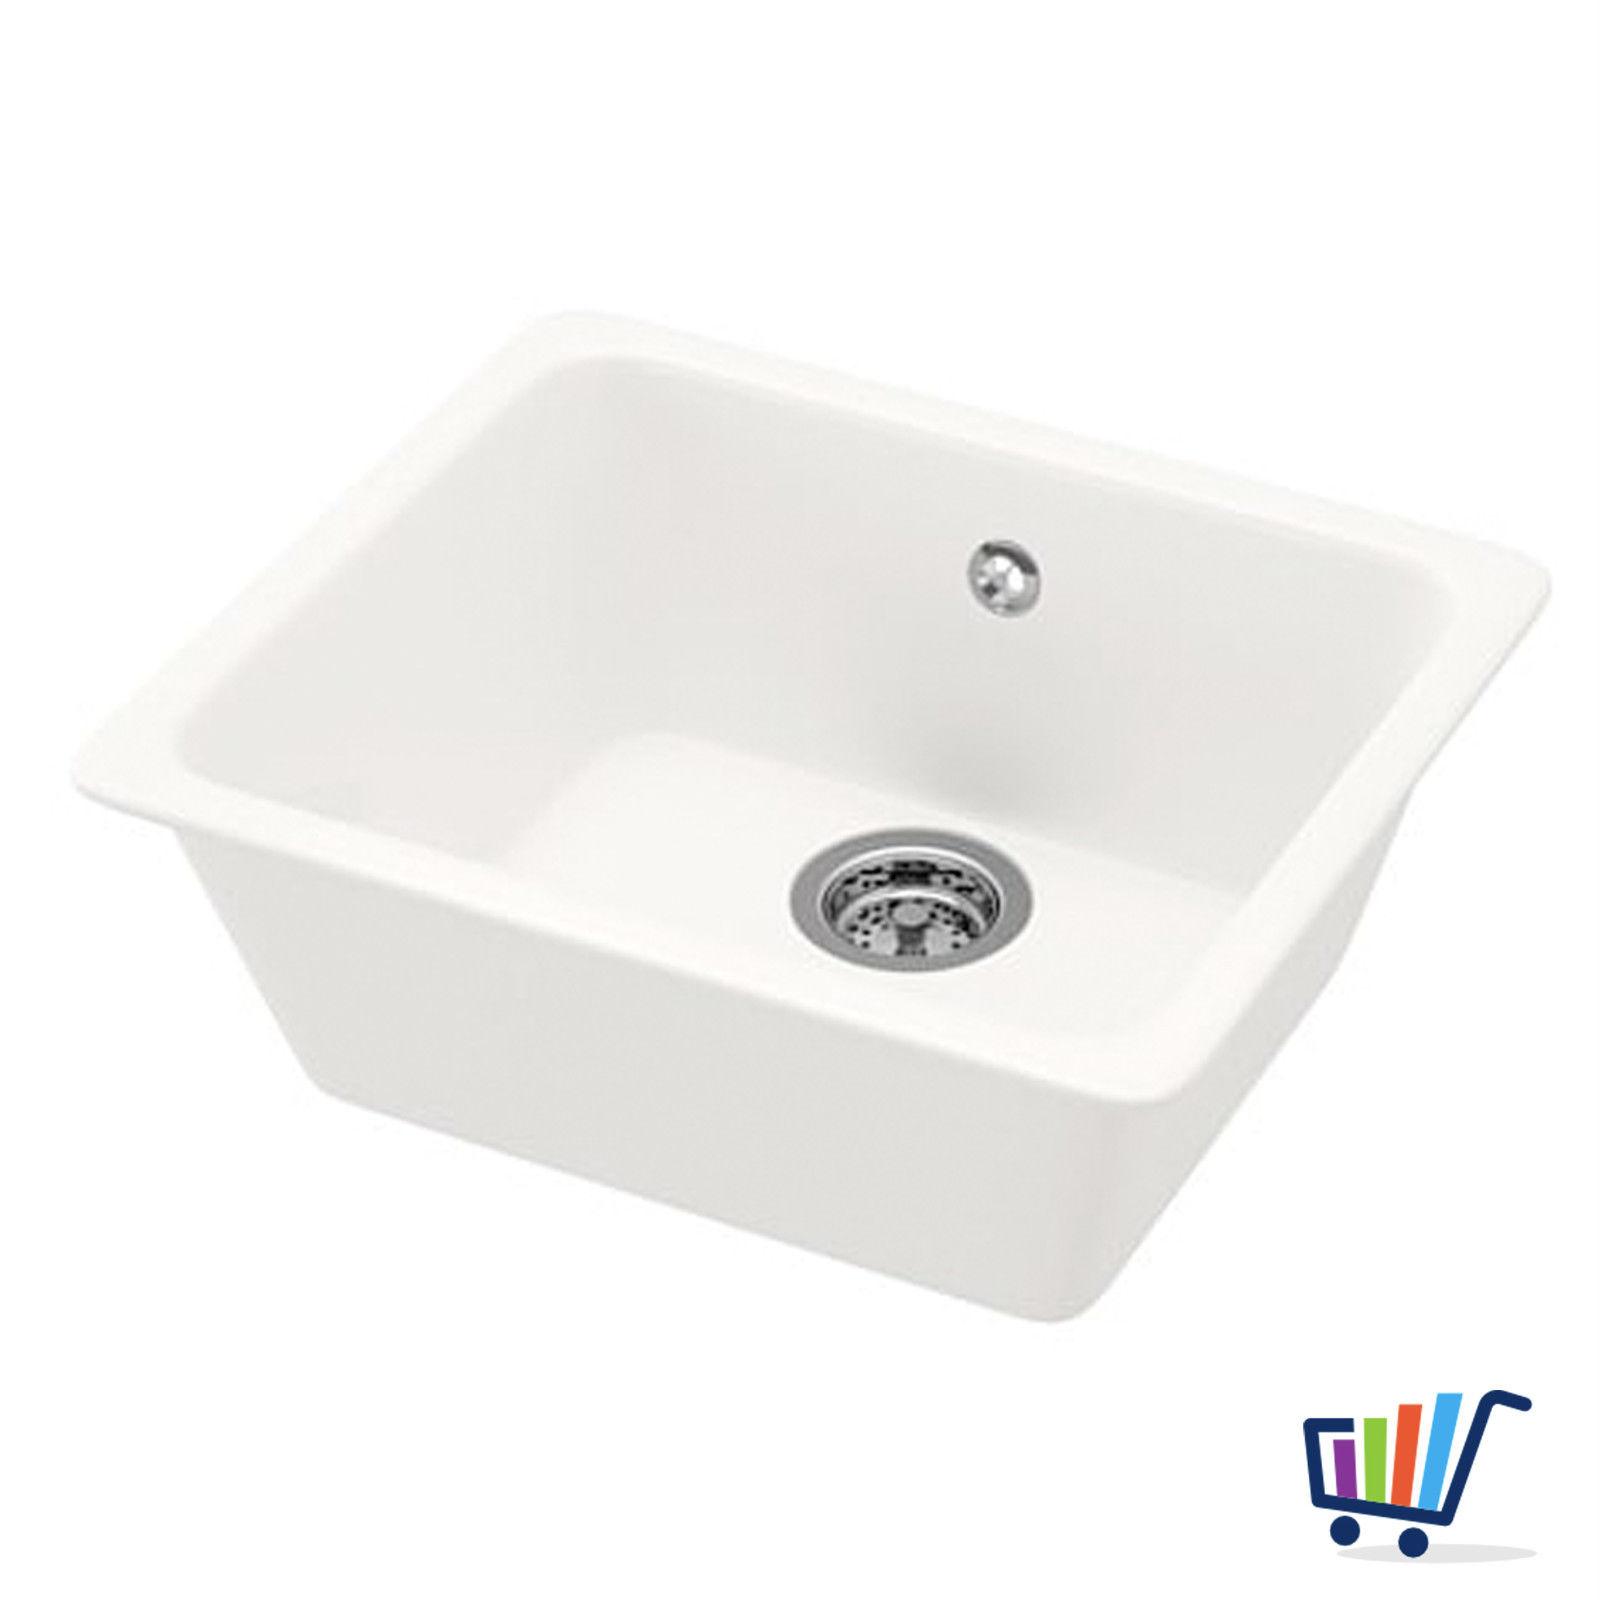 IKEA DOMSJÖ Keramik Spülbecken Küchenspüle Waschbecken Einbauspüle ...